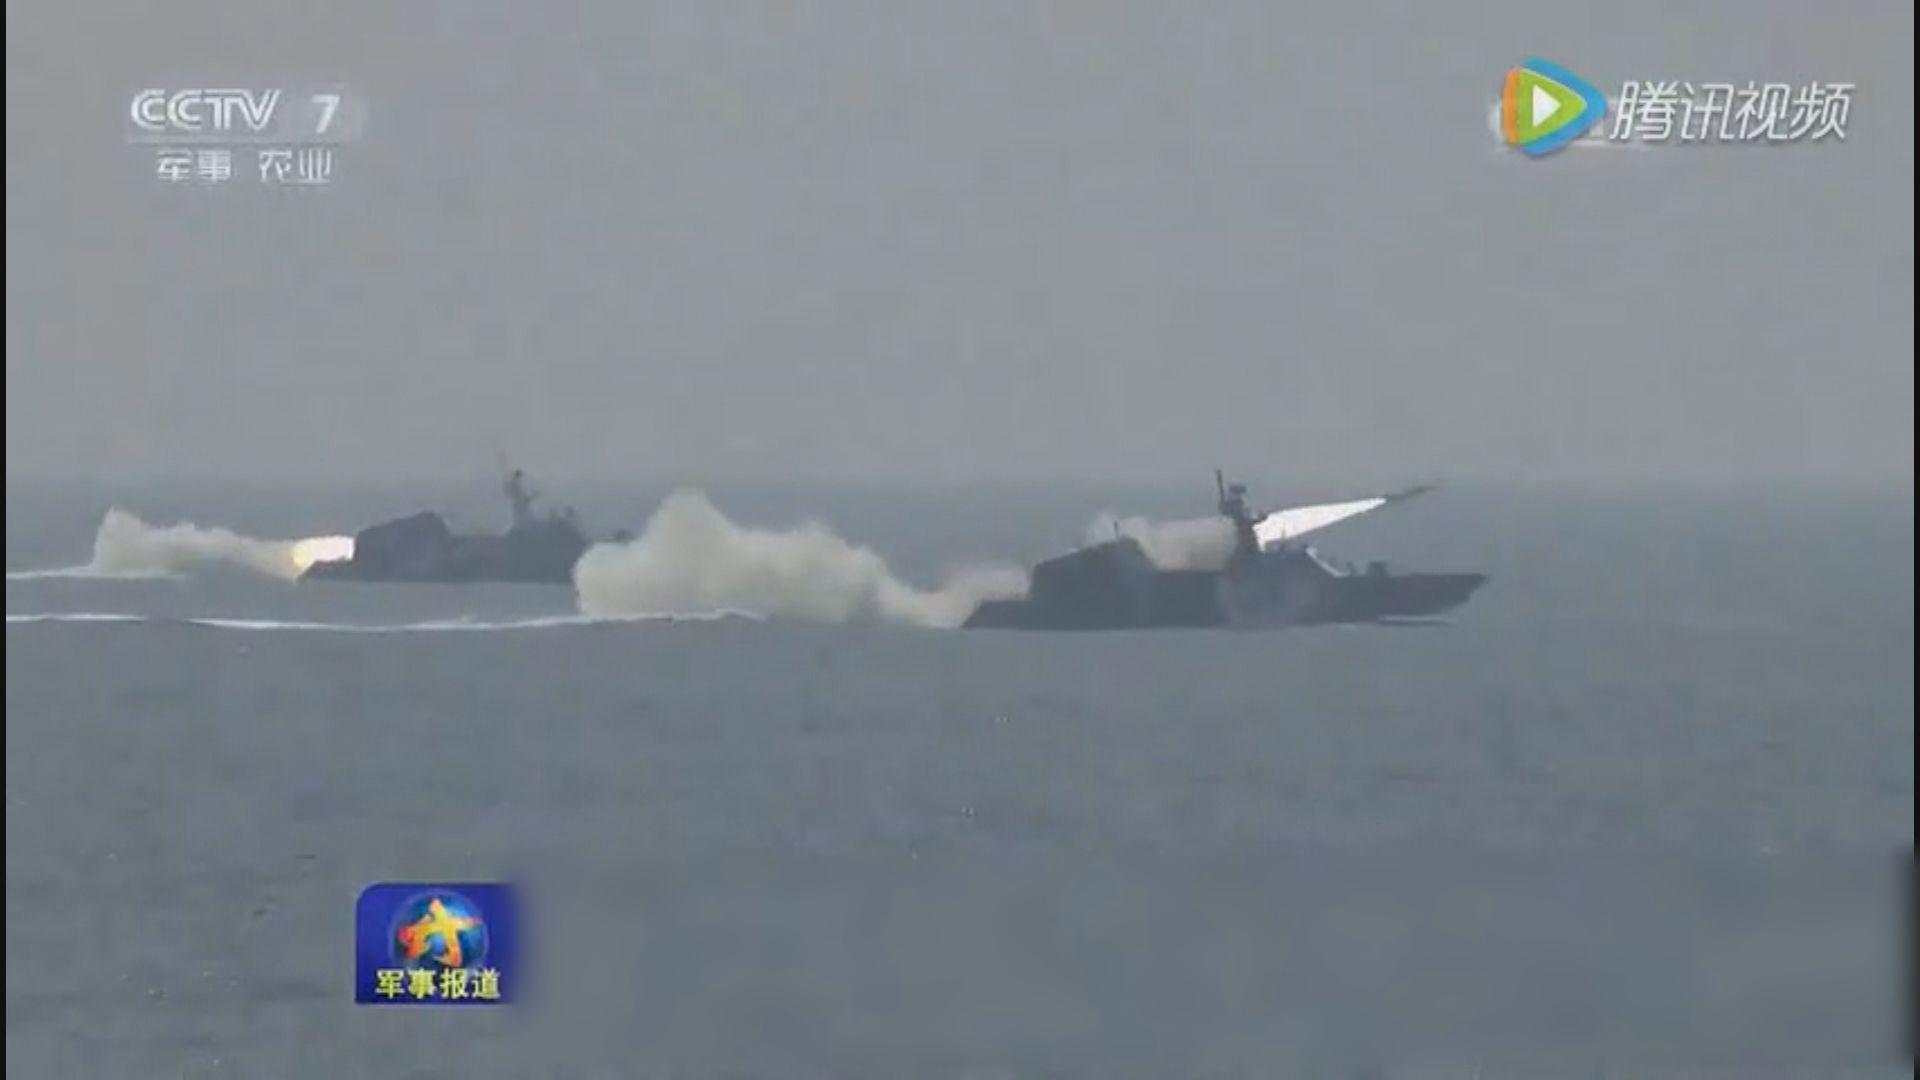 解放軍在渤海實彈演習 專家指警示或武力解決台灣問題